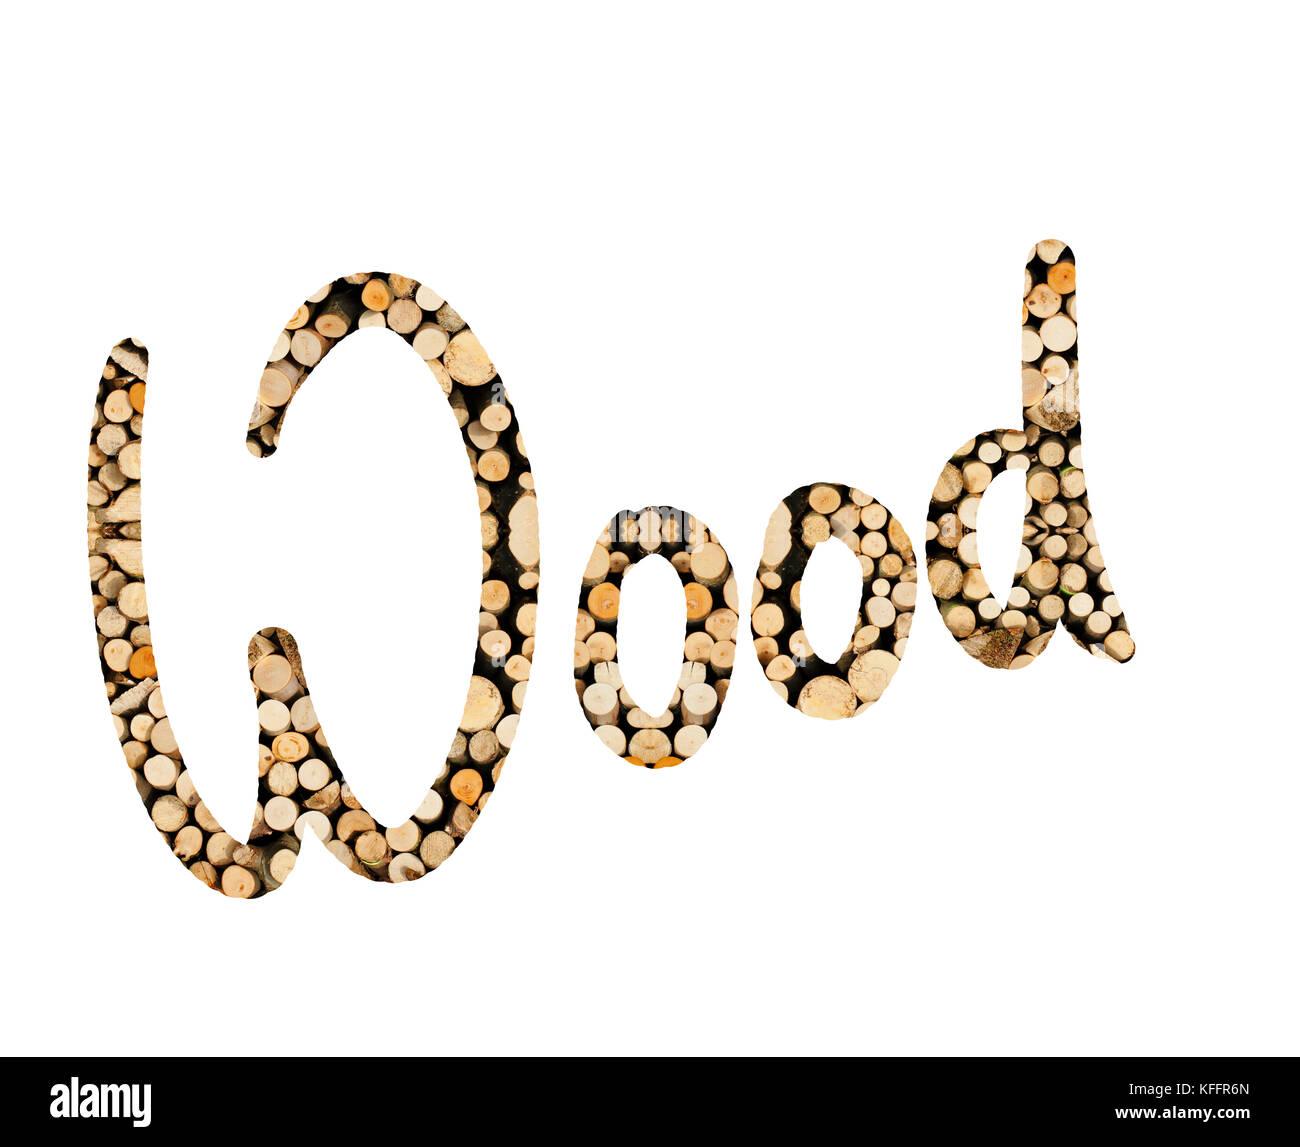 das Wort Wood mit Holz Stangen geschrieben, dargestellt - Stock Image